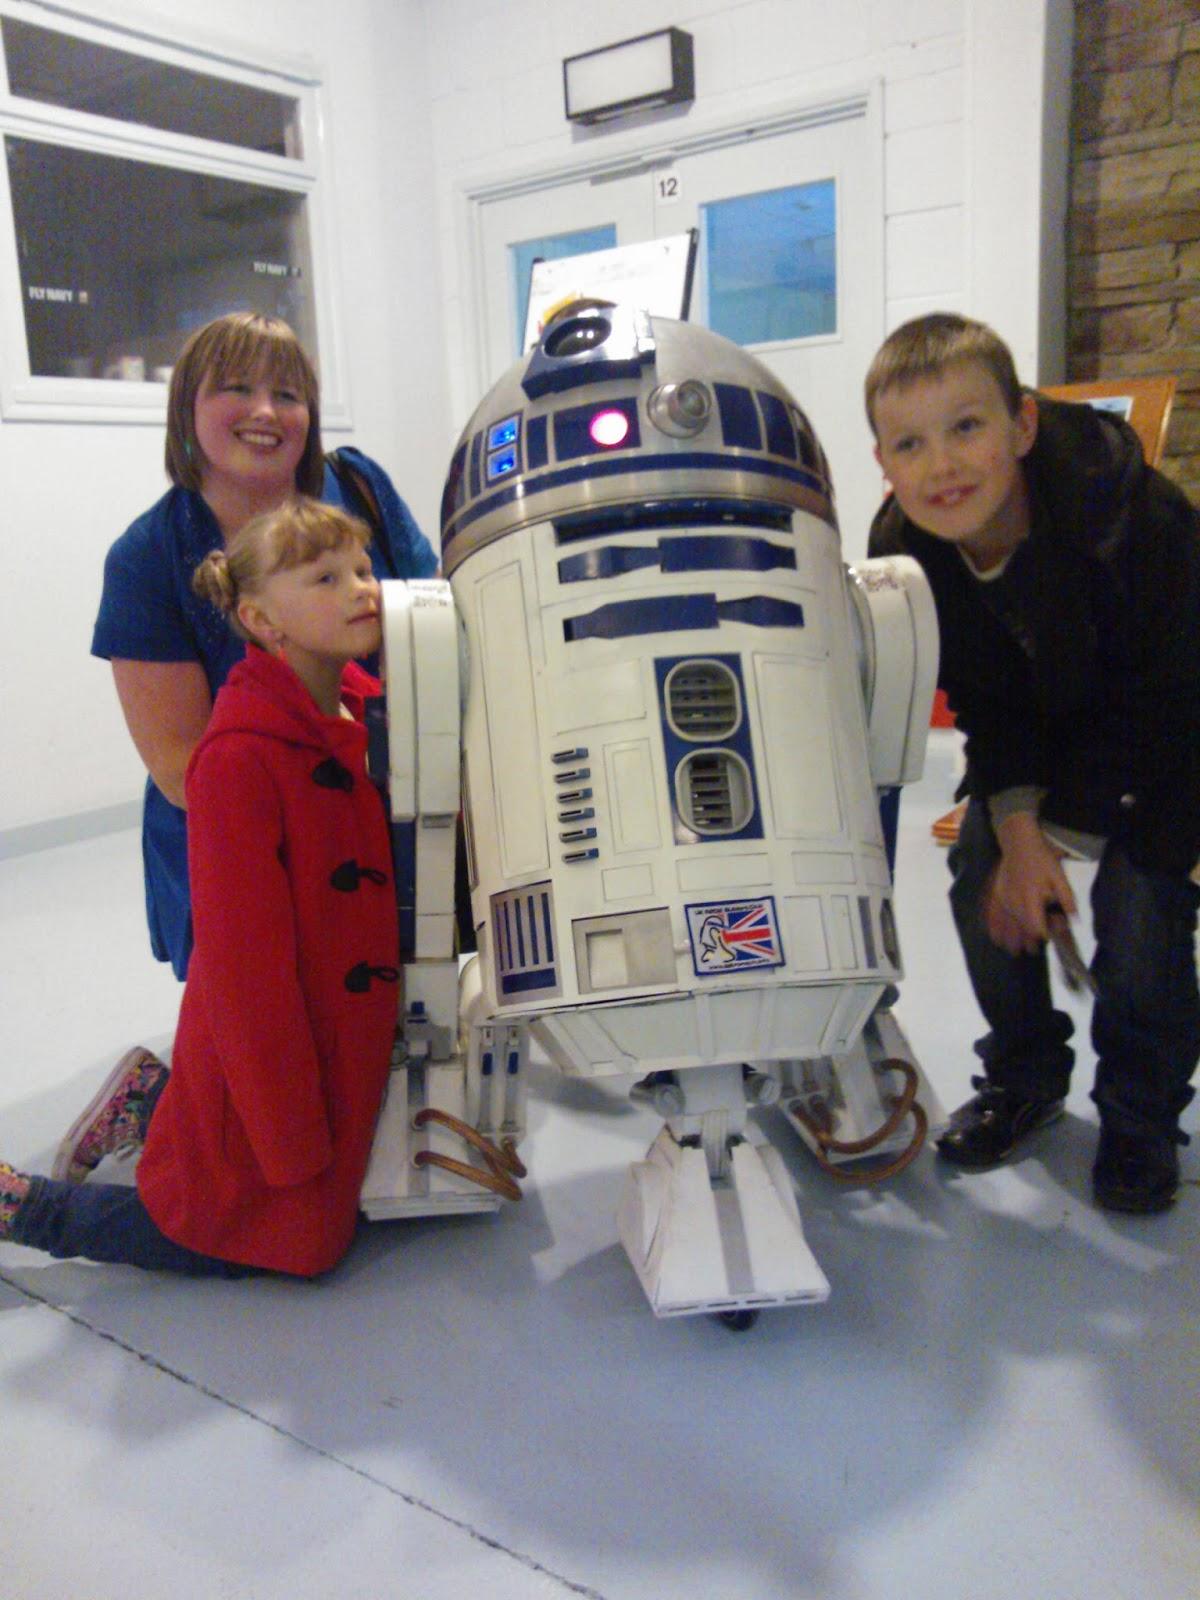 Artoo-jay-zero, R2-D2